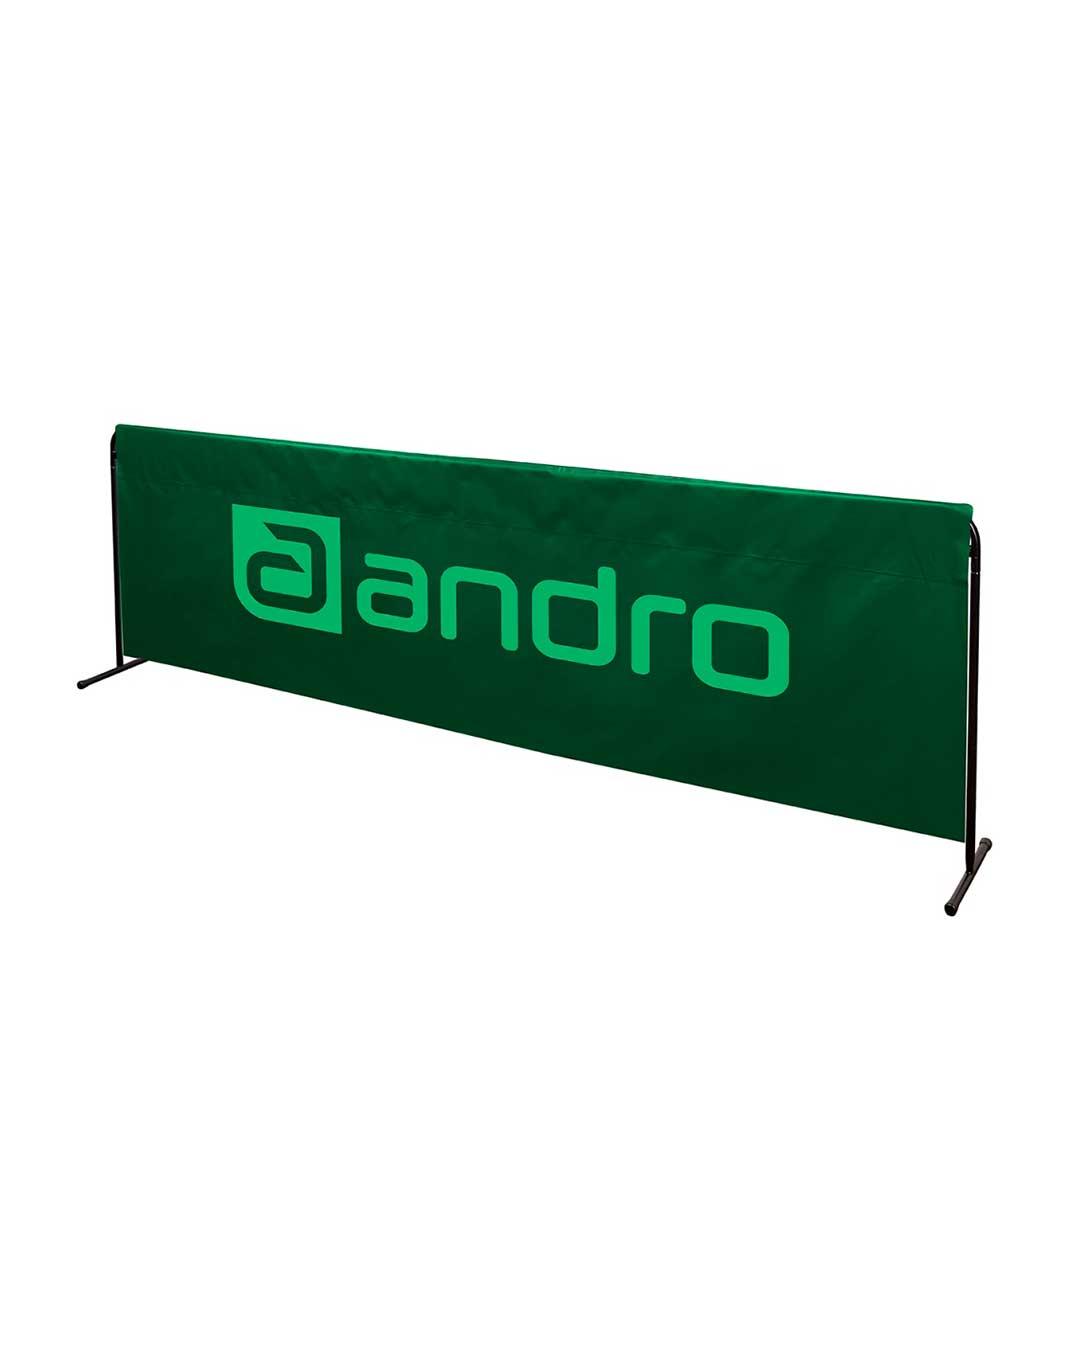 Separador Multideporte Andro de 233 cm verde